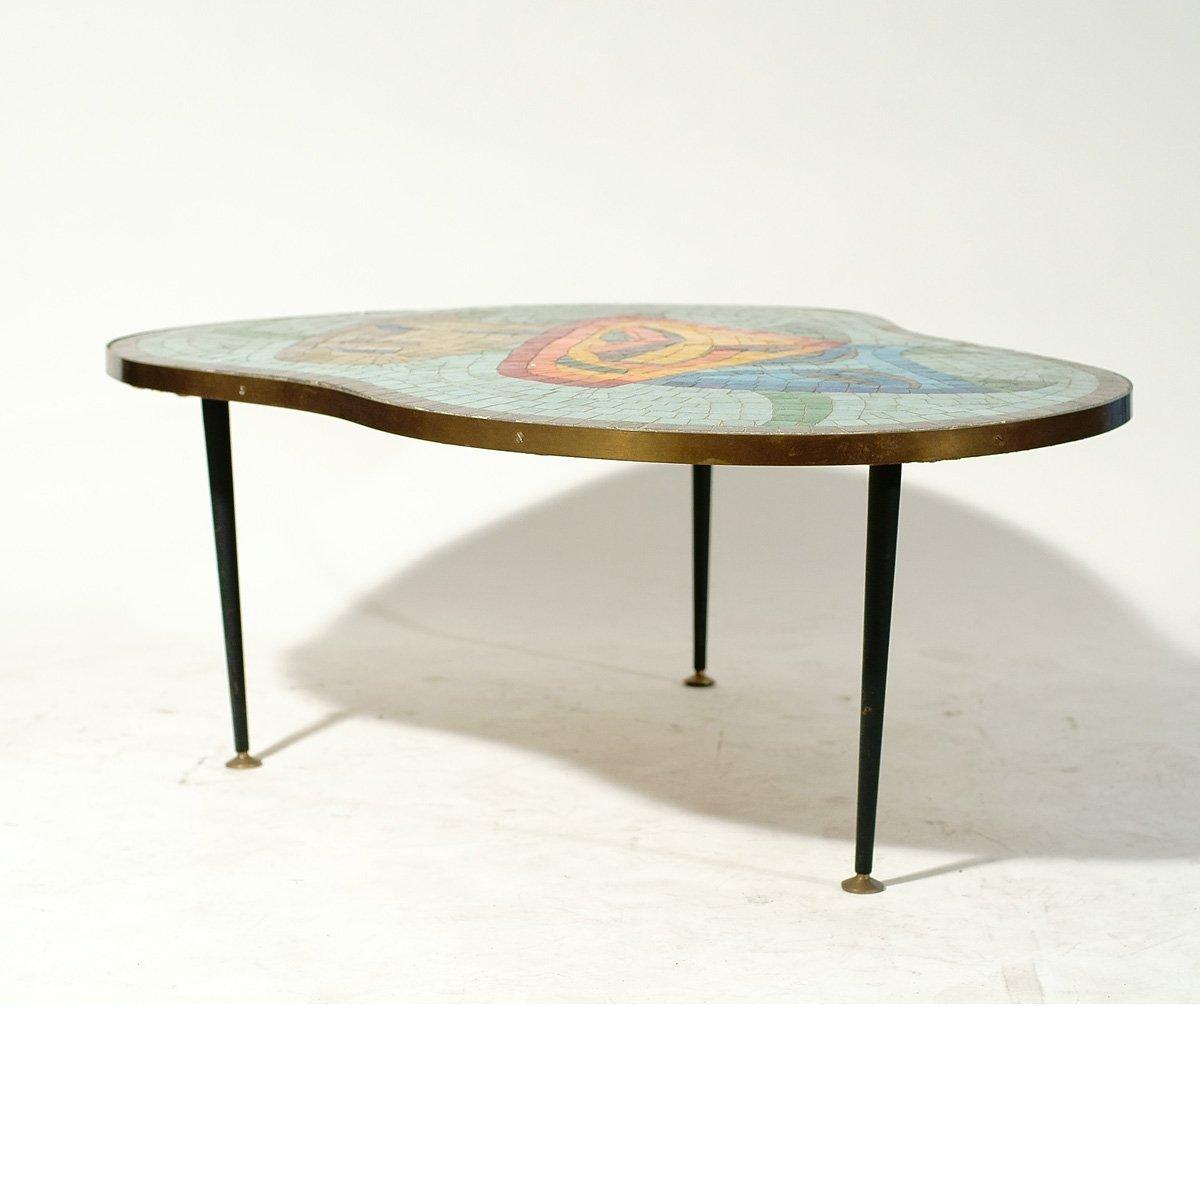 table basse avec plateau en mosa que 1960s en vente sur pamono. Black Bedroom Furniture Sets. Home Design Ideas